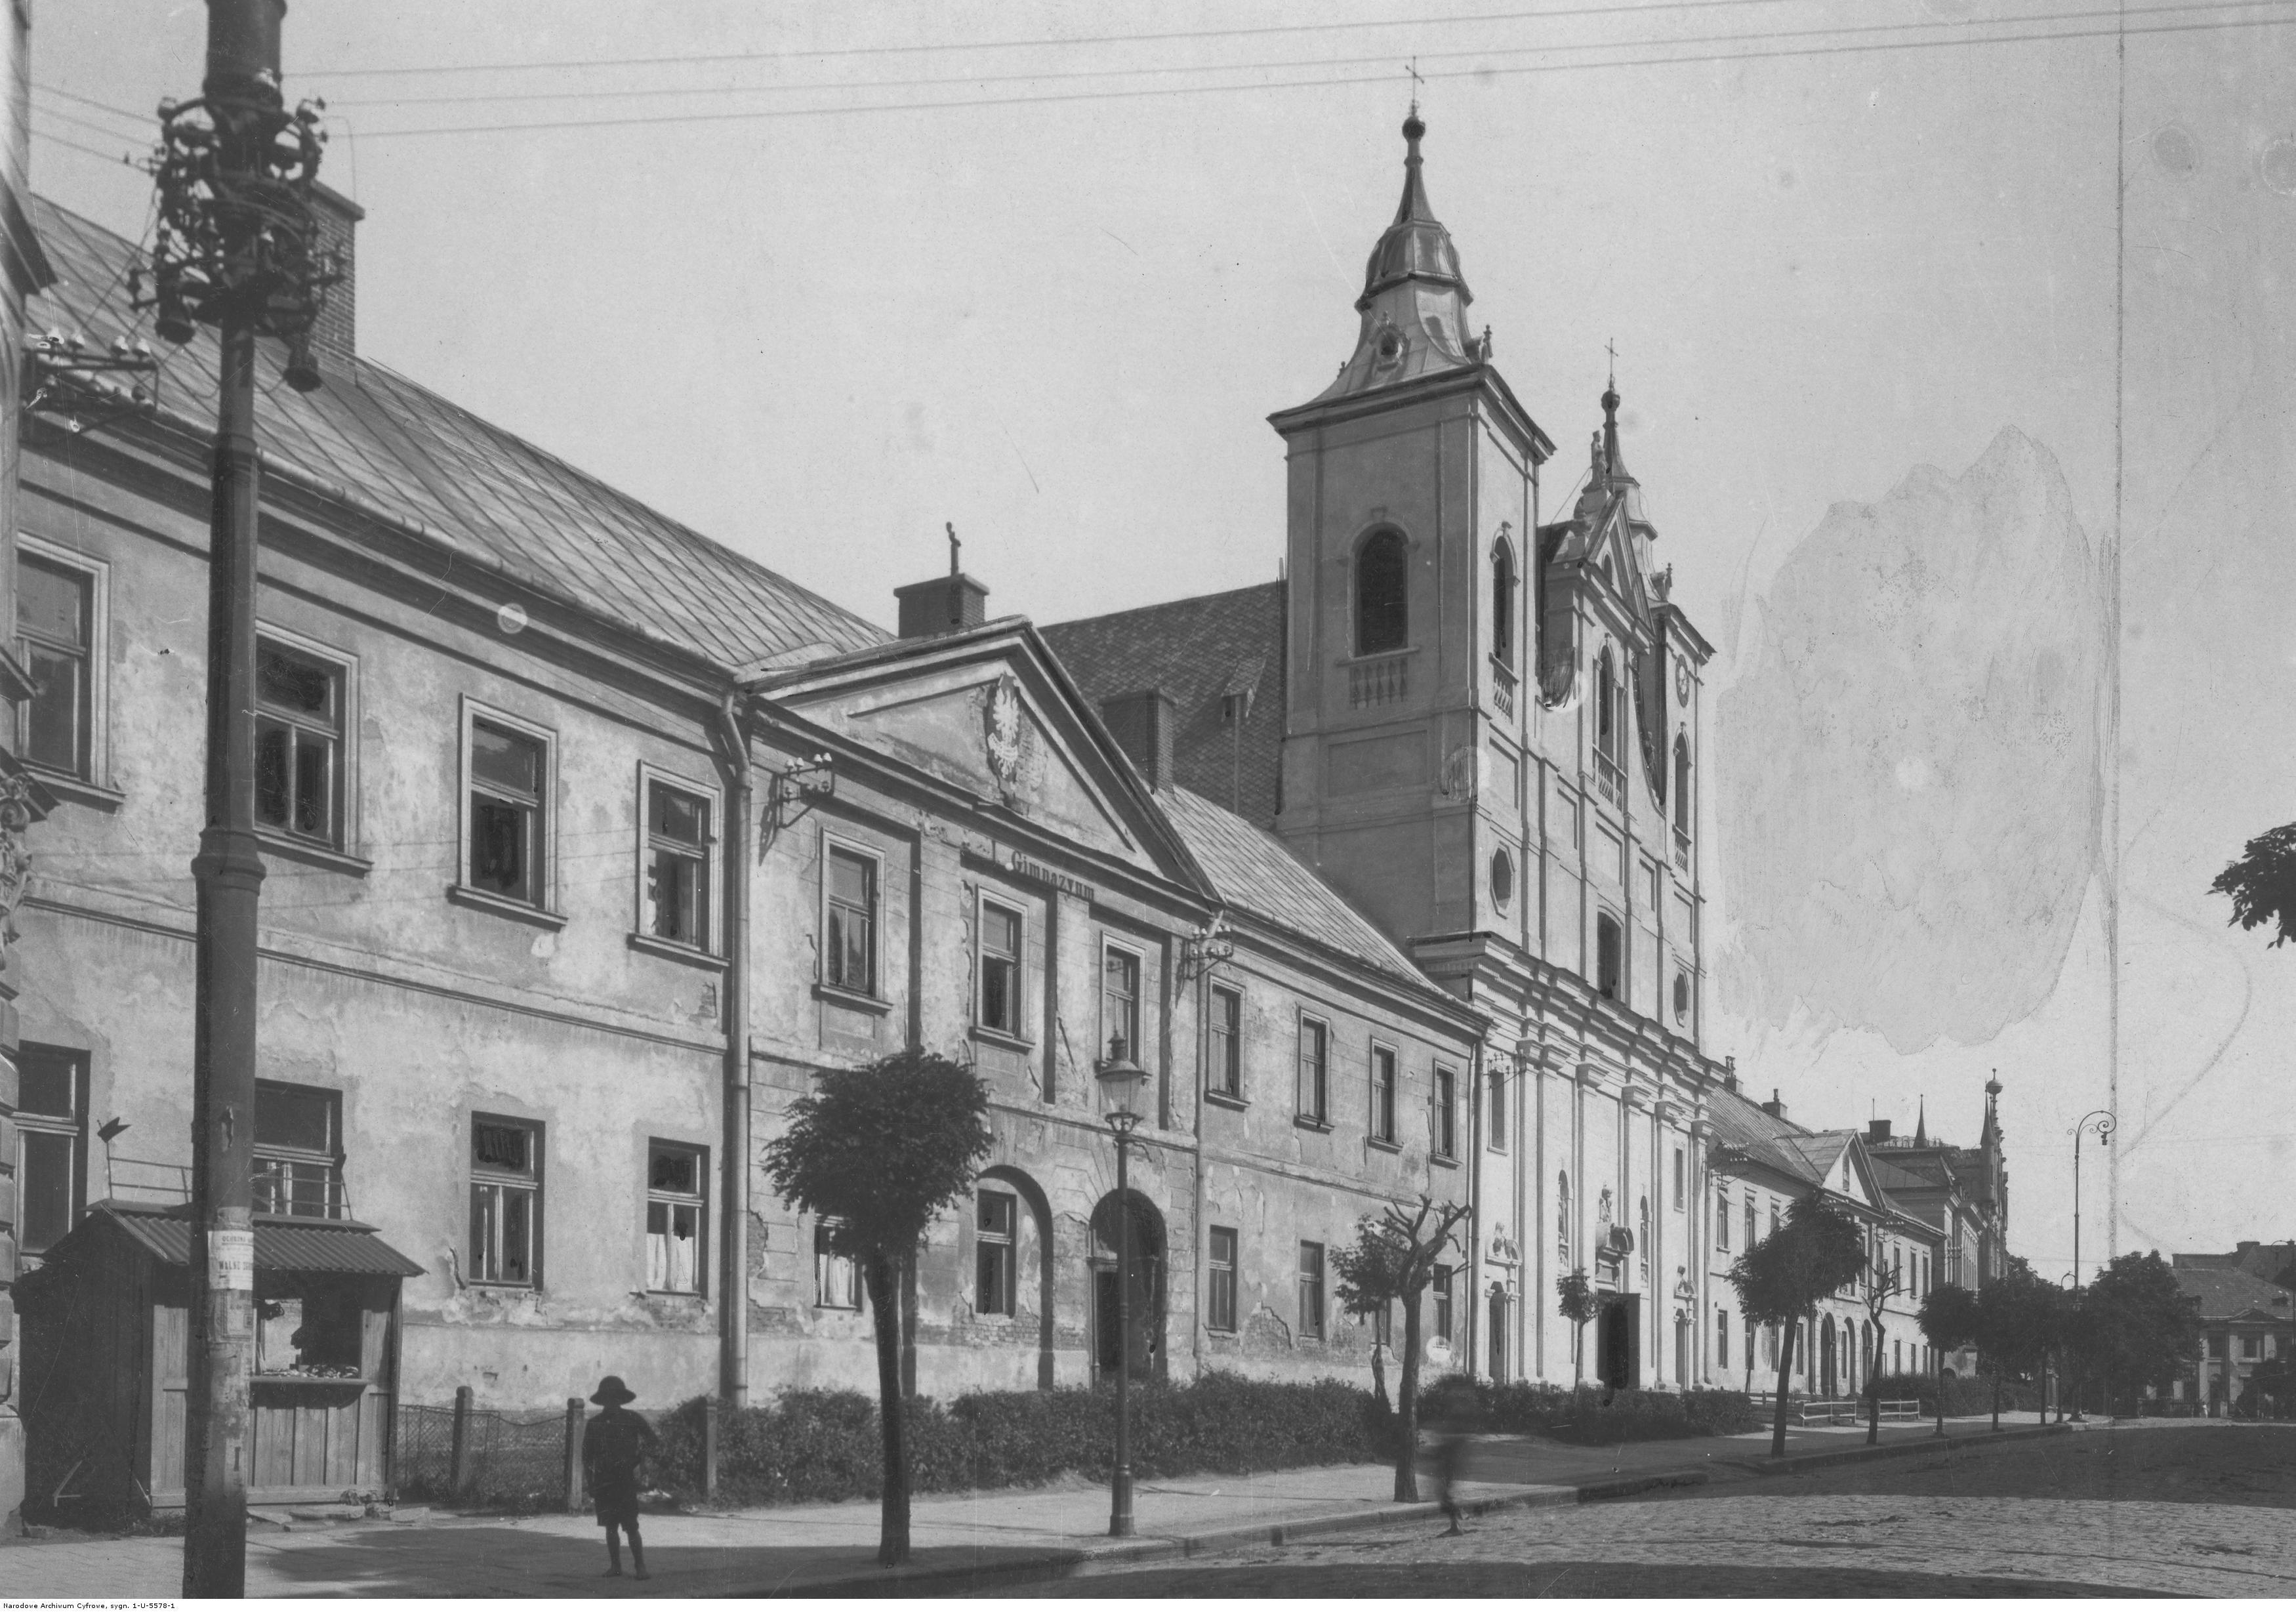 Kościół i klasztor Pijarów w Rzeszowie. Widok fasady frontowej kościoła i Państwowego Gimnazjum nr 1 im. Stanisława Konarskiego, rok 1918-1939